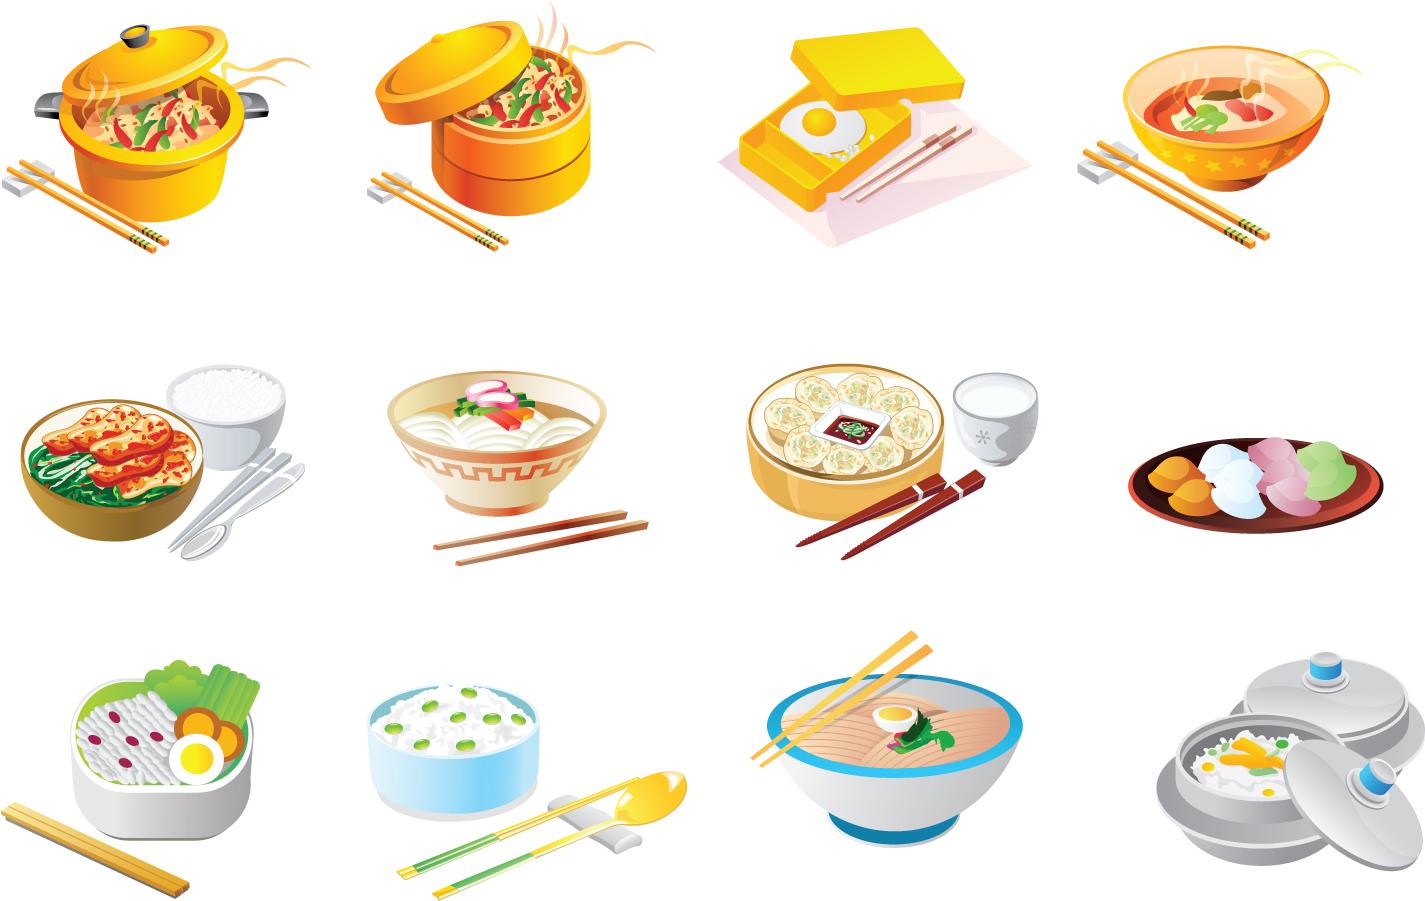 食品のメニュー アイコン Cartoon food icon イラスト素材